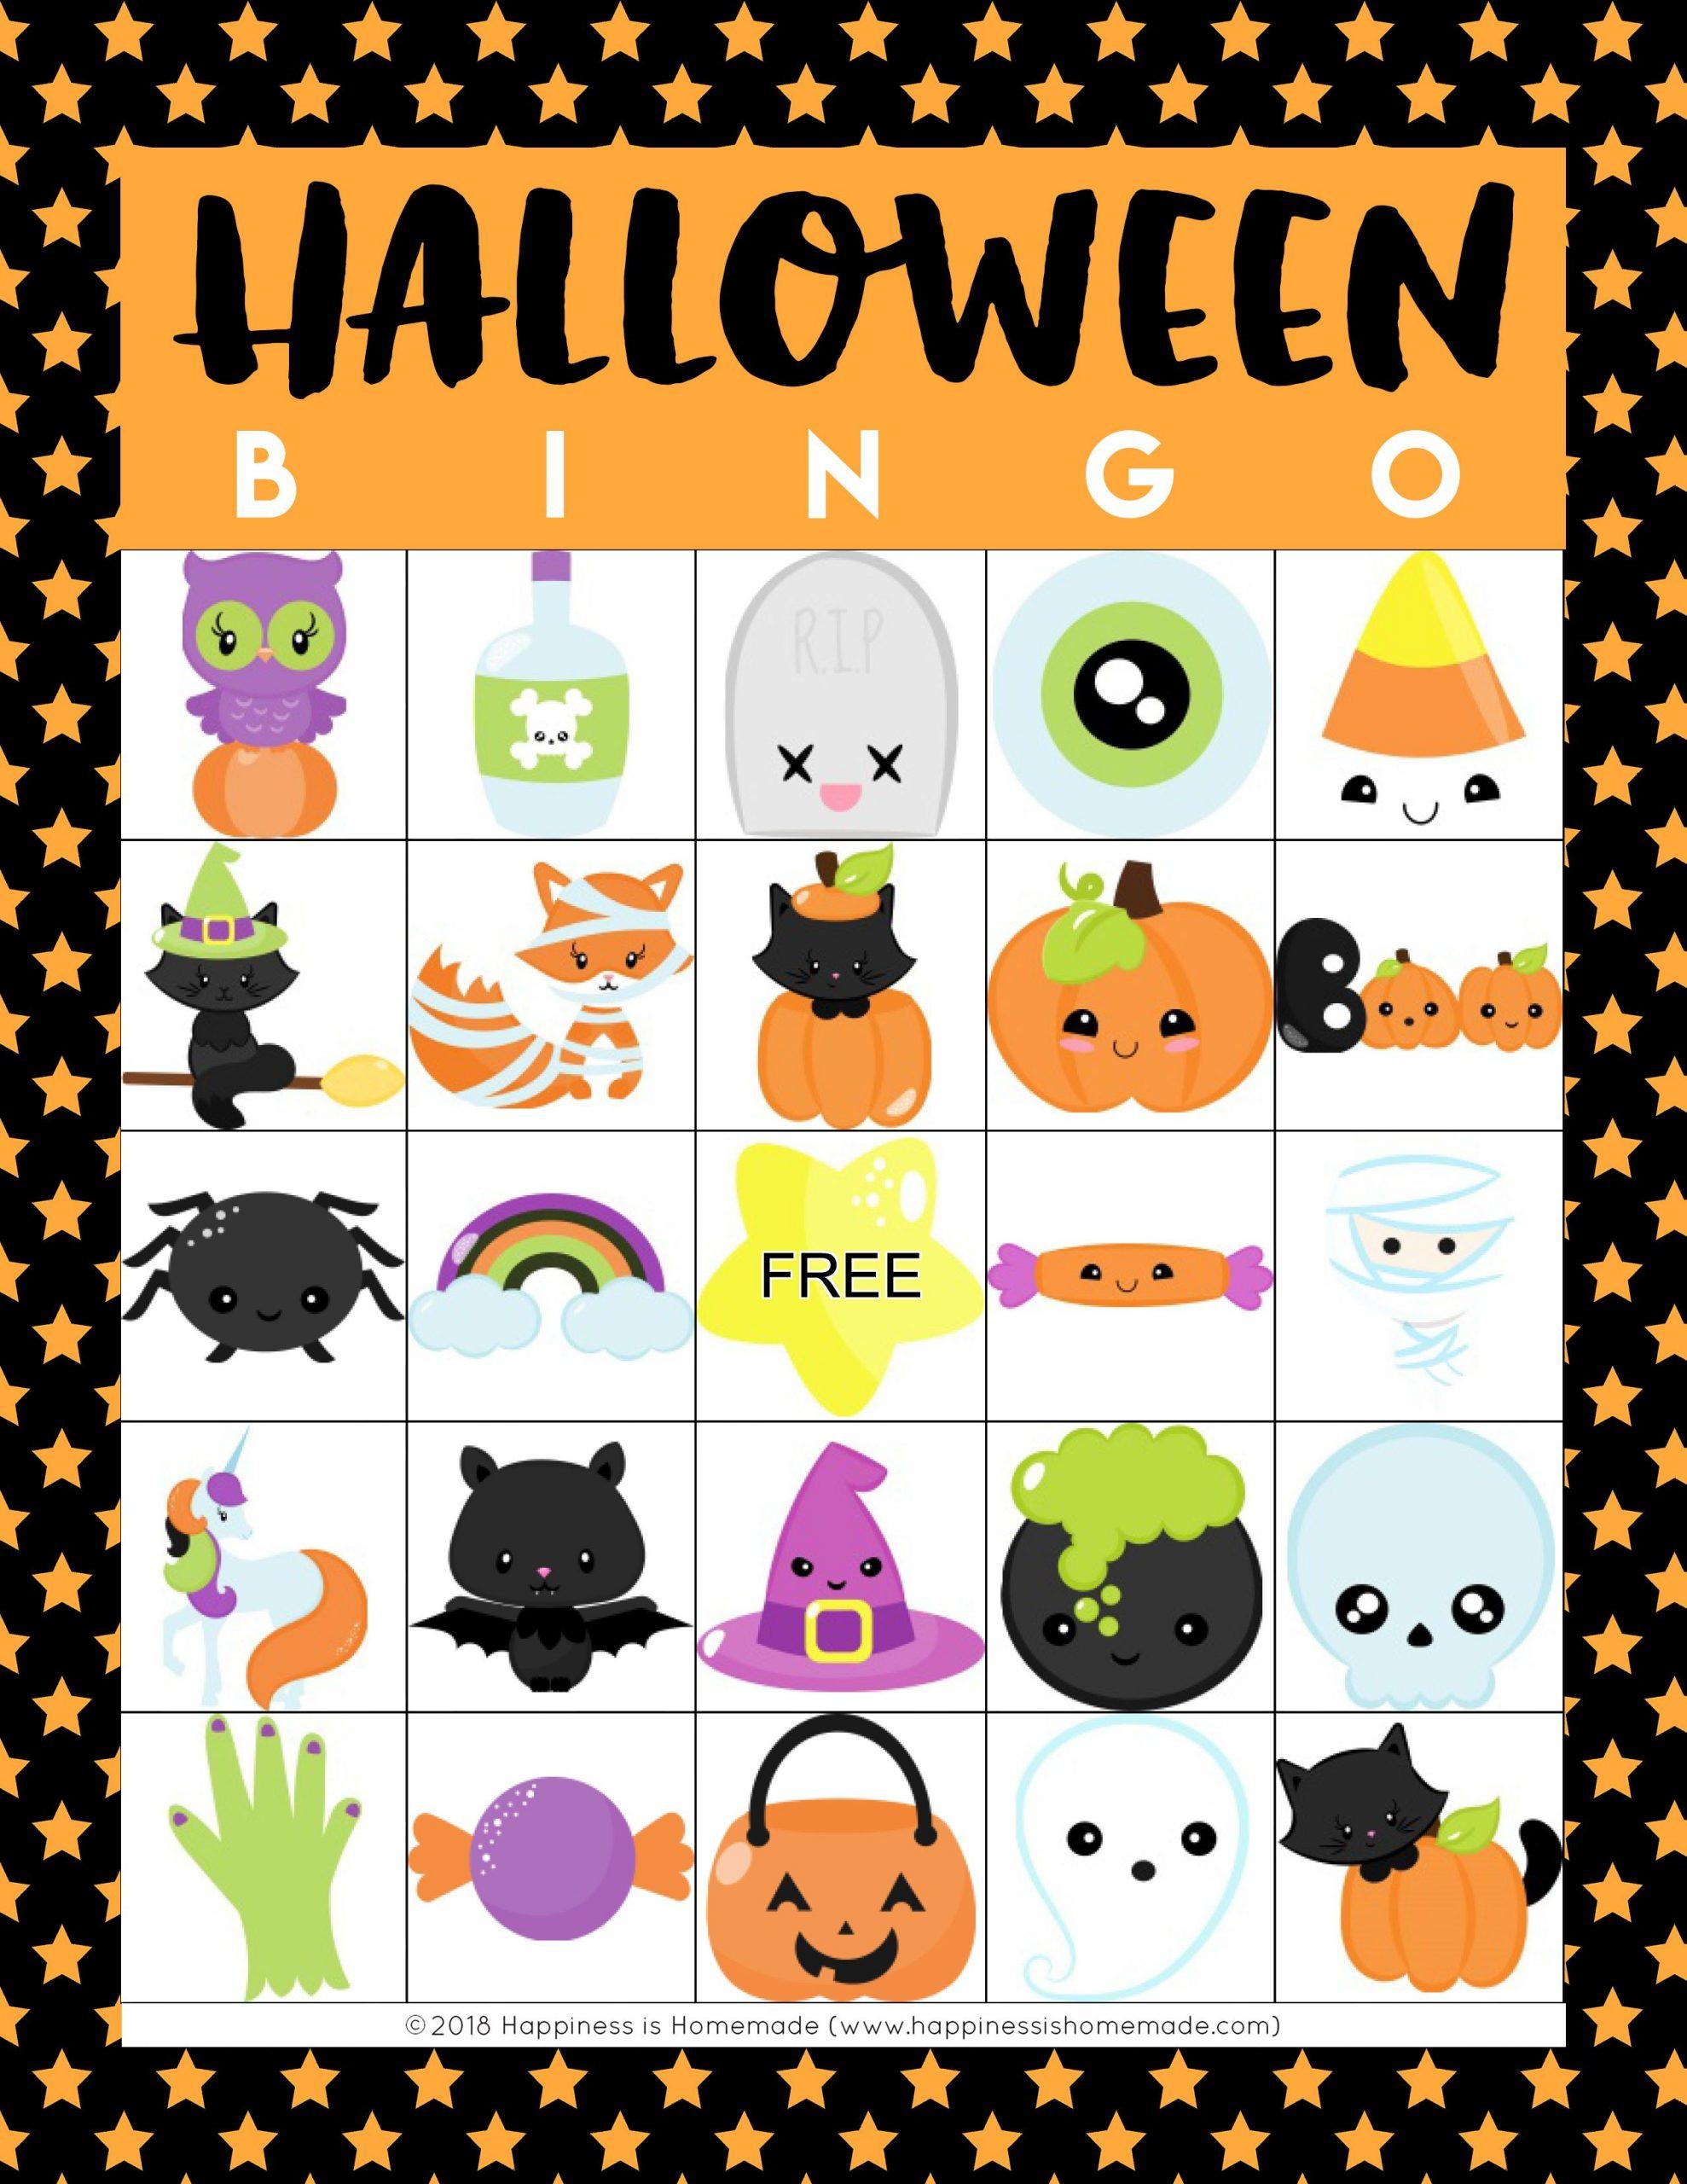 Ntable Halloween Bingo Cards - This Halloween Bingo Game Is